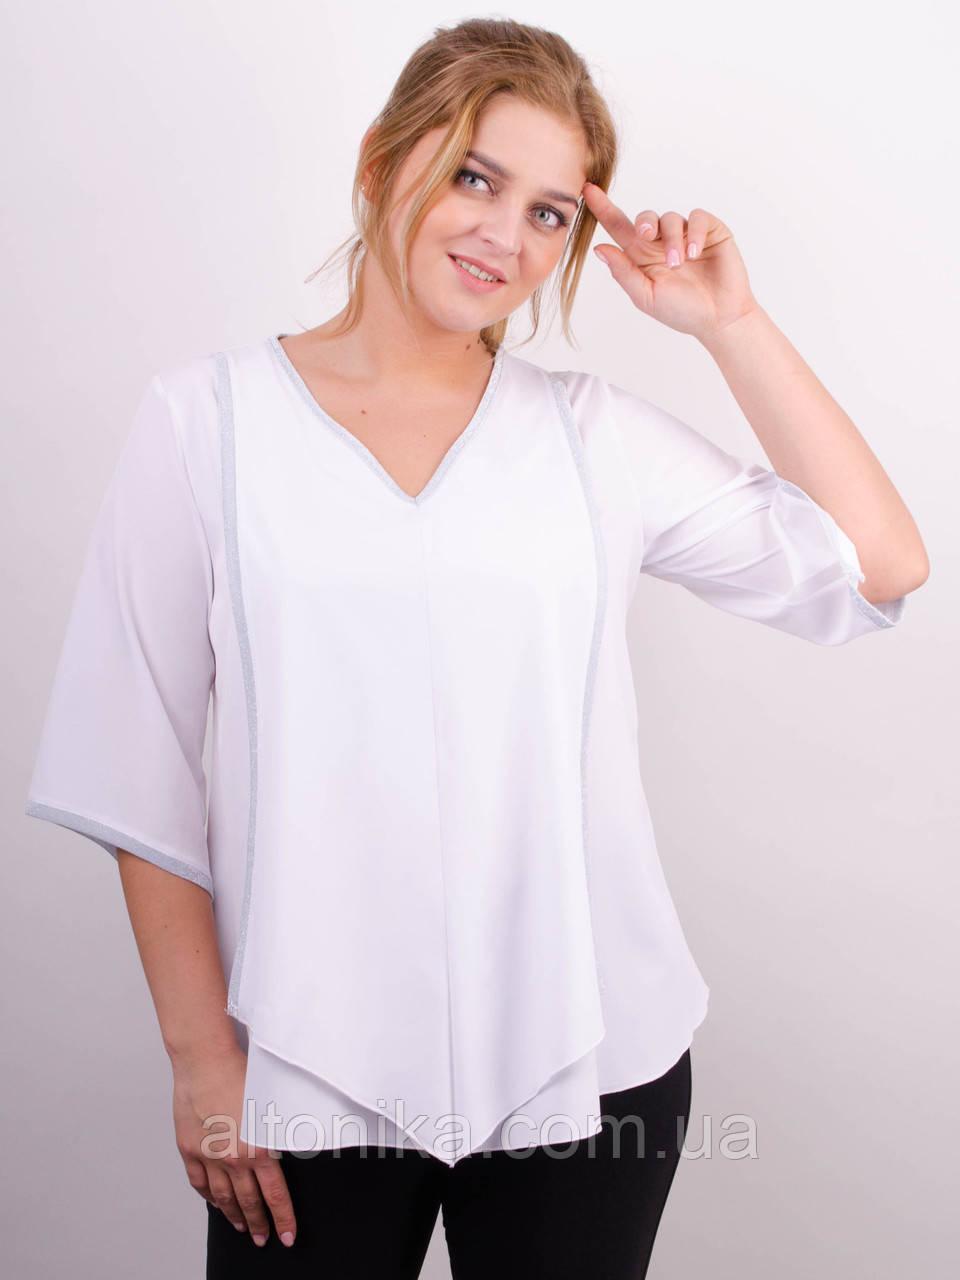 Марина. Весенняя блуза больших размеров. 58-60, 62-64